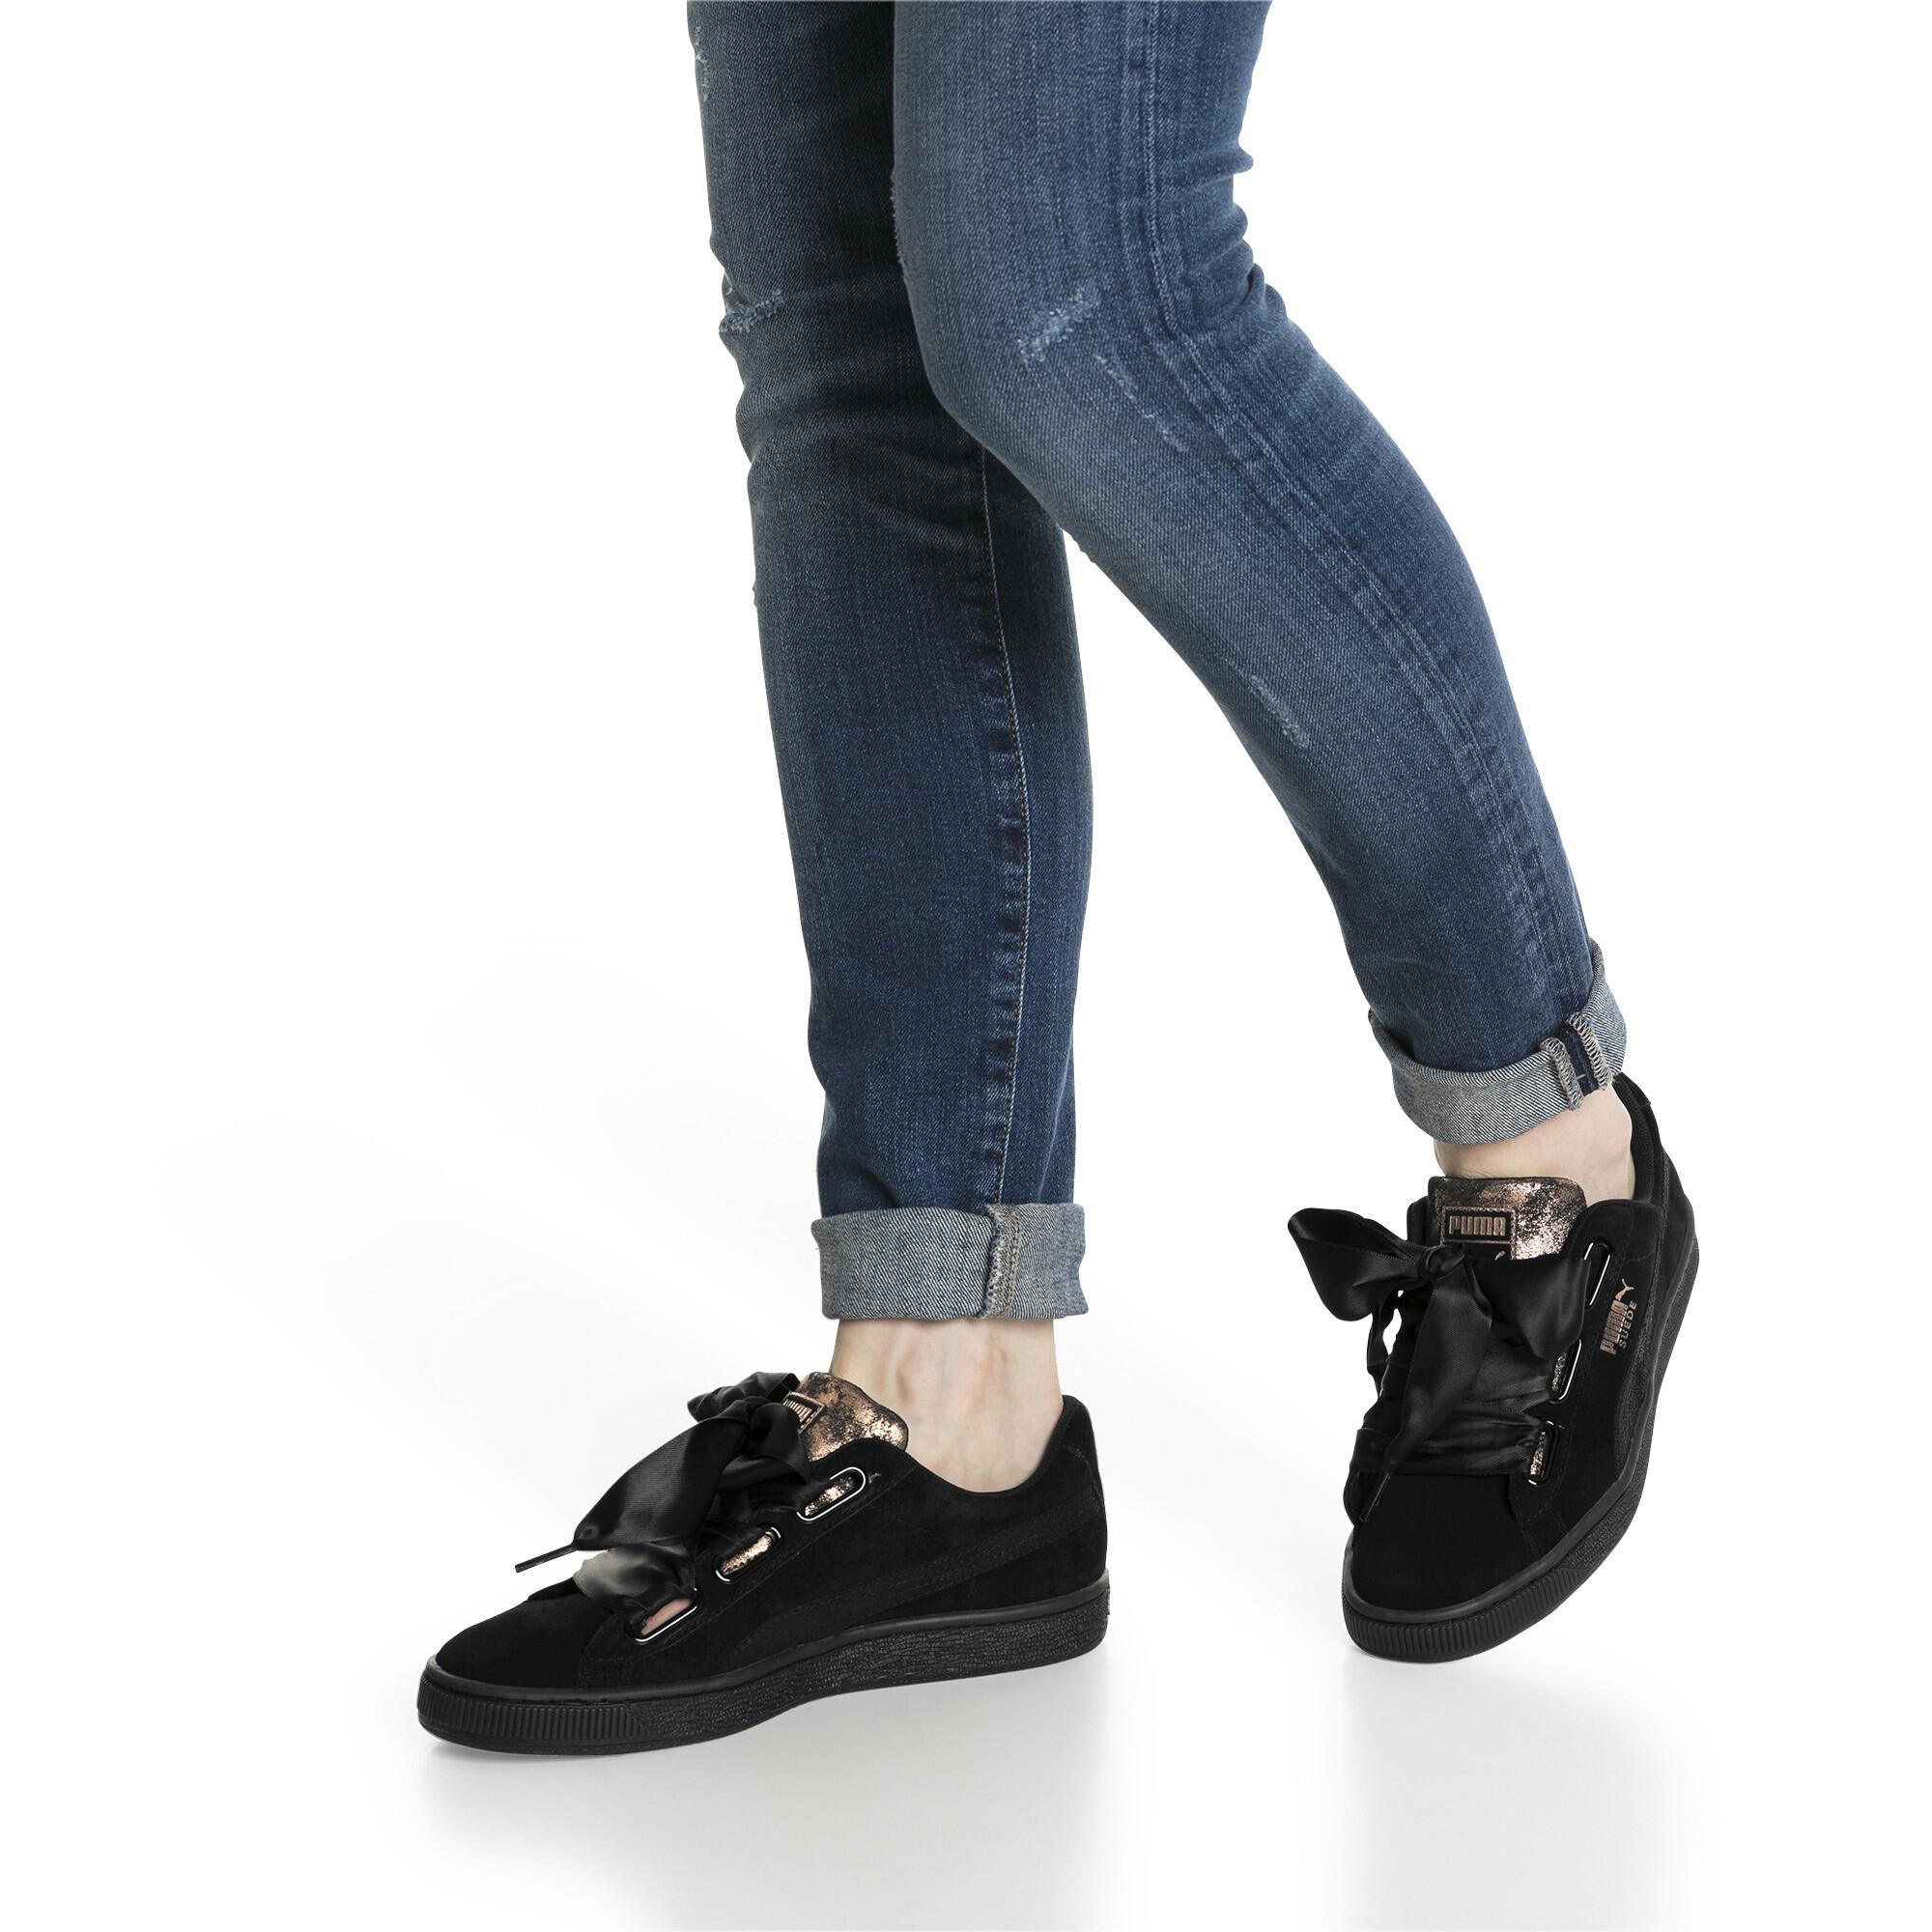 Image Puma Suede Heart Arctica Women's Sneakers #7